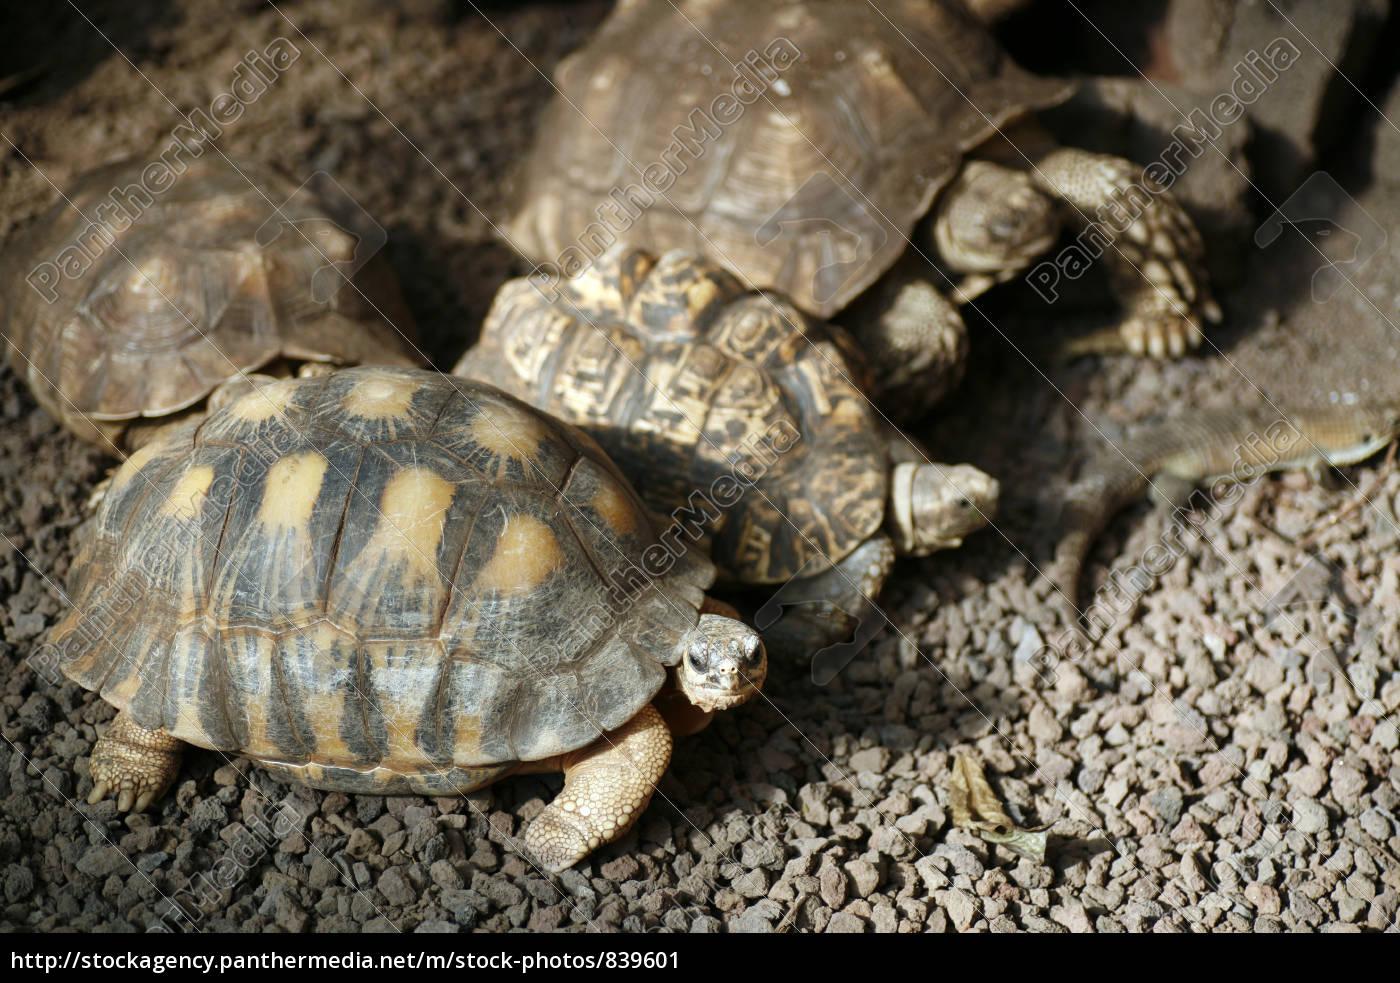 turtles - 839601